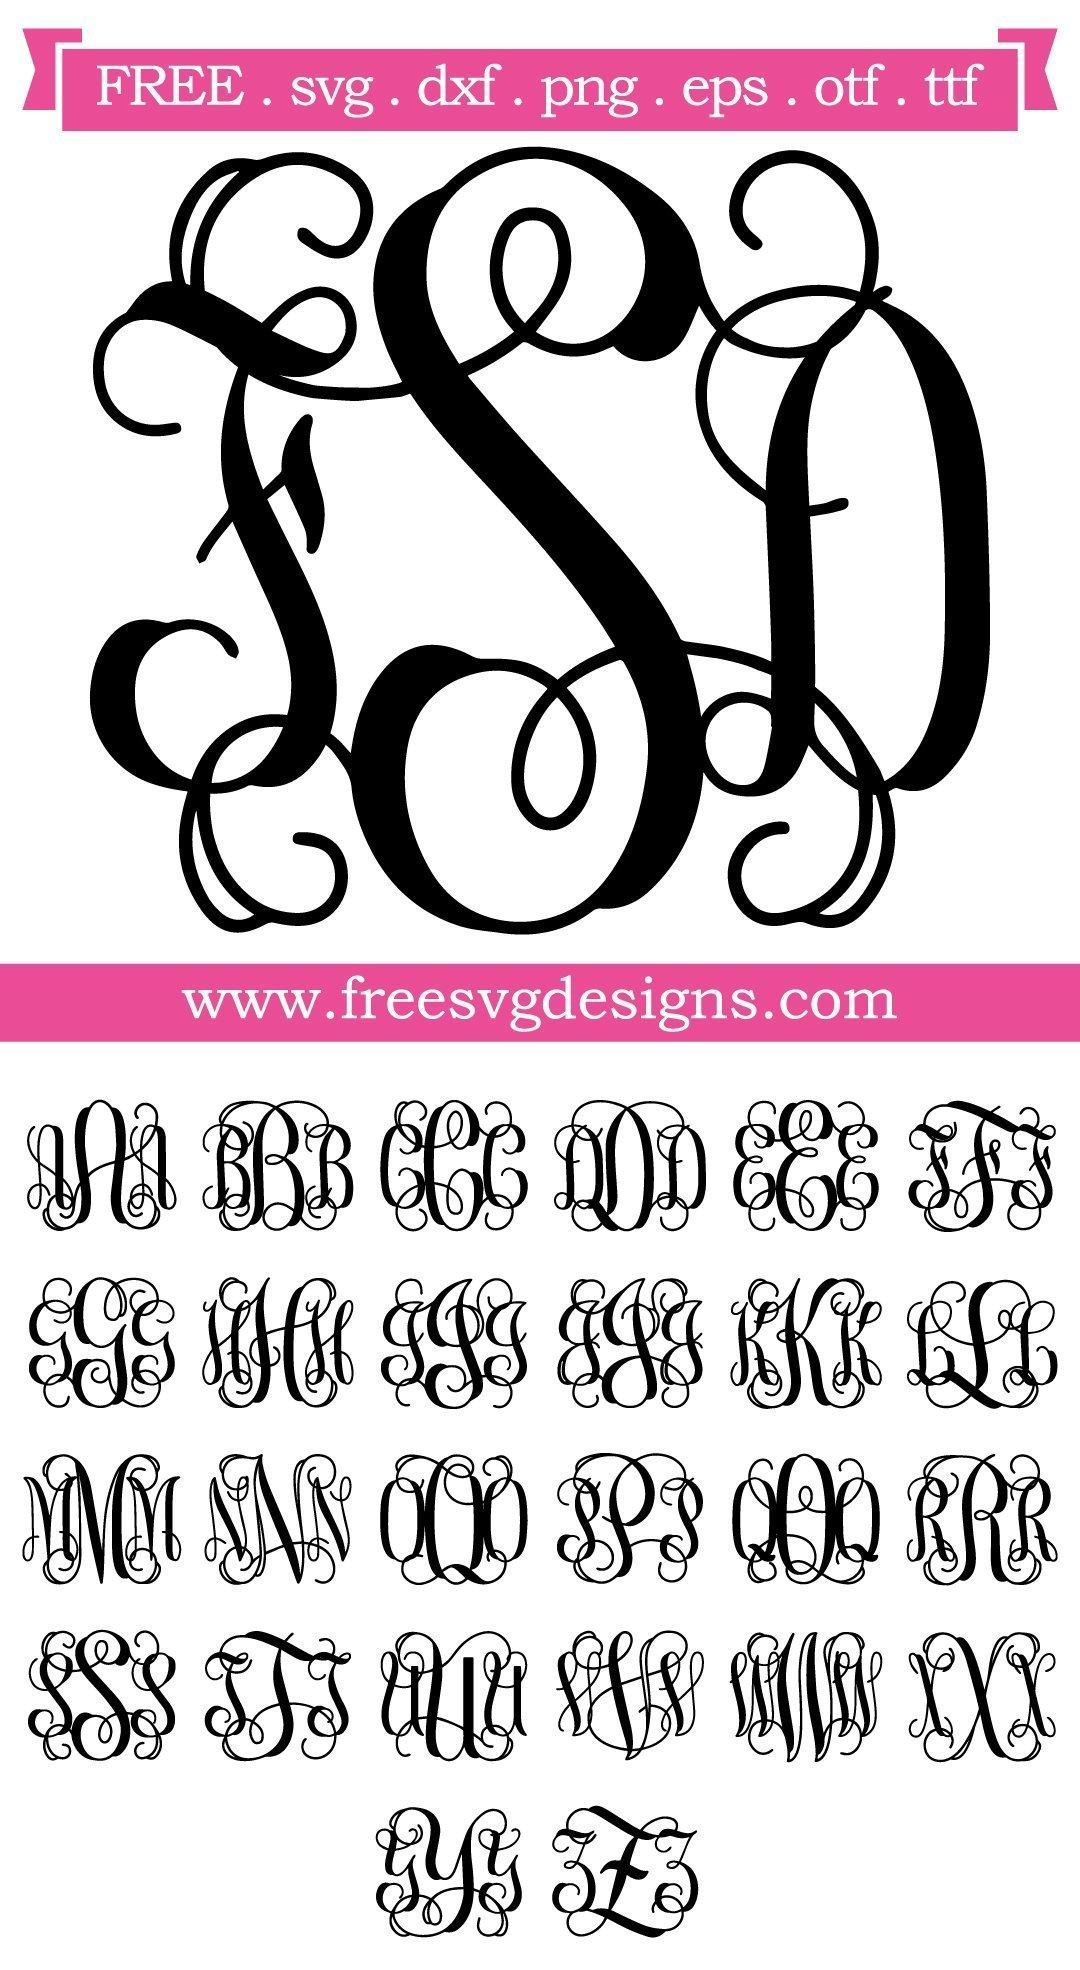 Download Free SVG Files | SVG, PNG, DXF, EPS | Script Vine Monogram ...